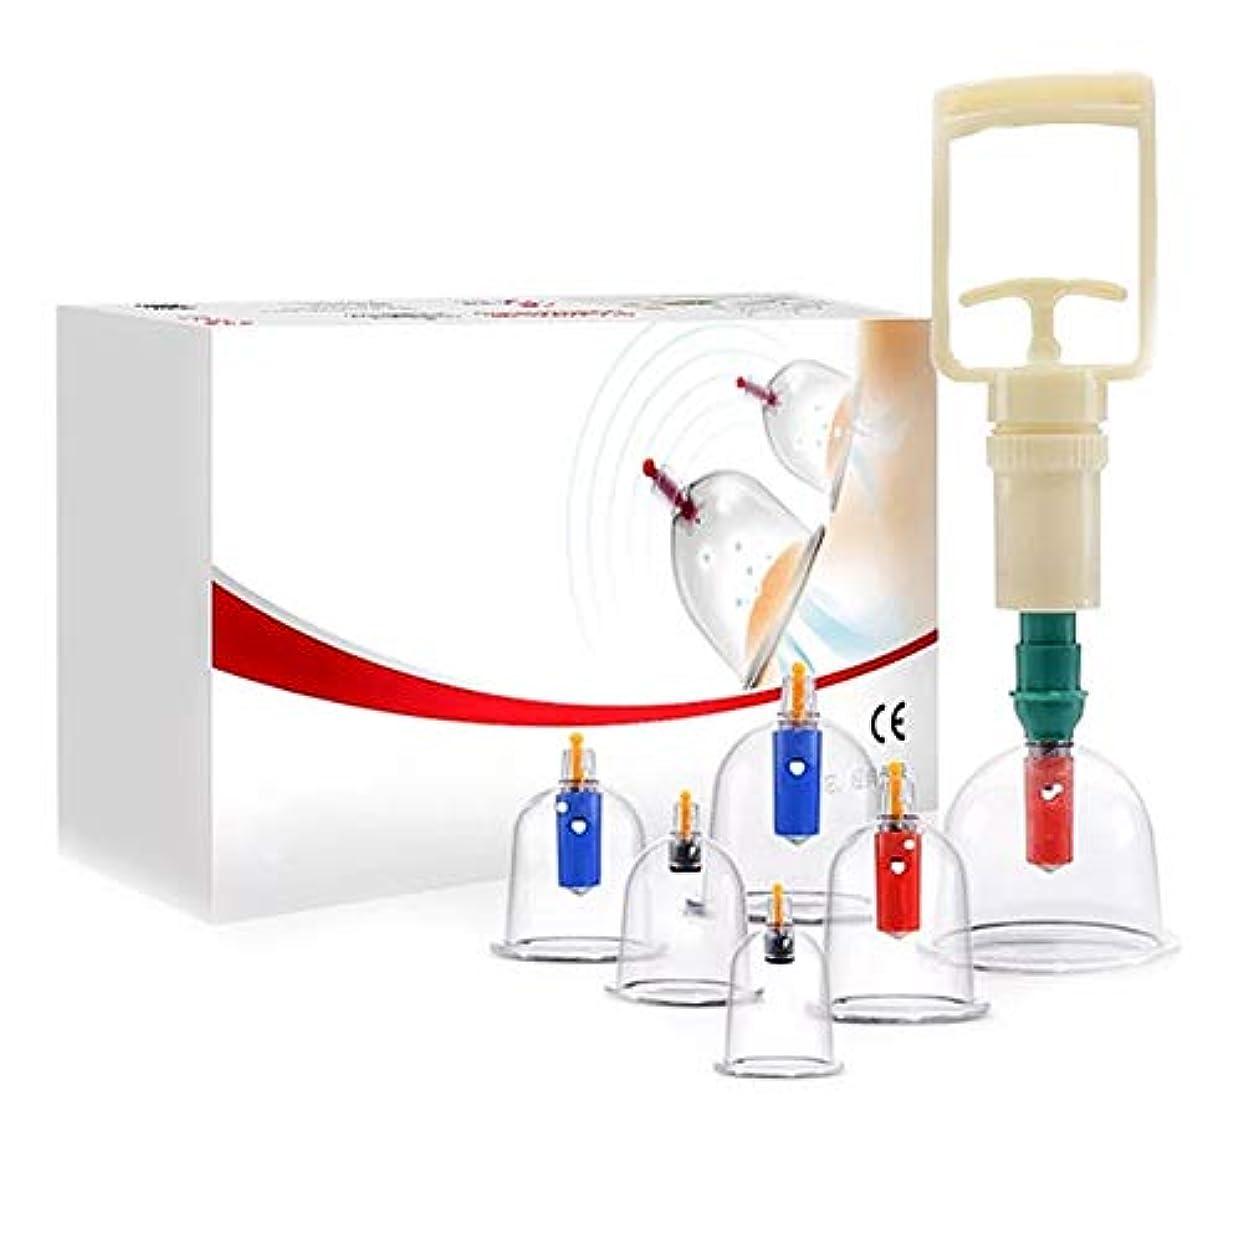 オーナメント信じるより6カップカッピングセットプラスチック、真空吸引生体磁気中国ツボ療法、ポンプ付き医療、ボディマッサージ痛み緩和理学療法排泄毒素